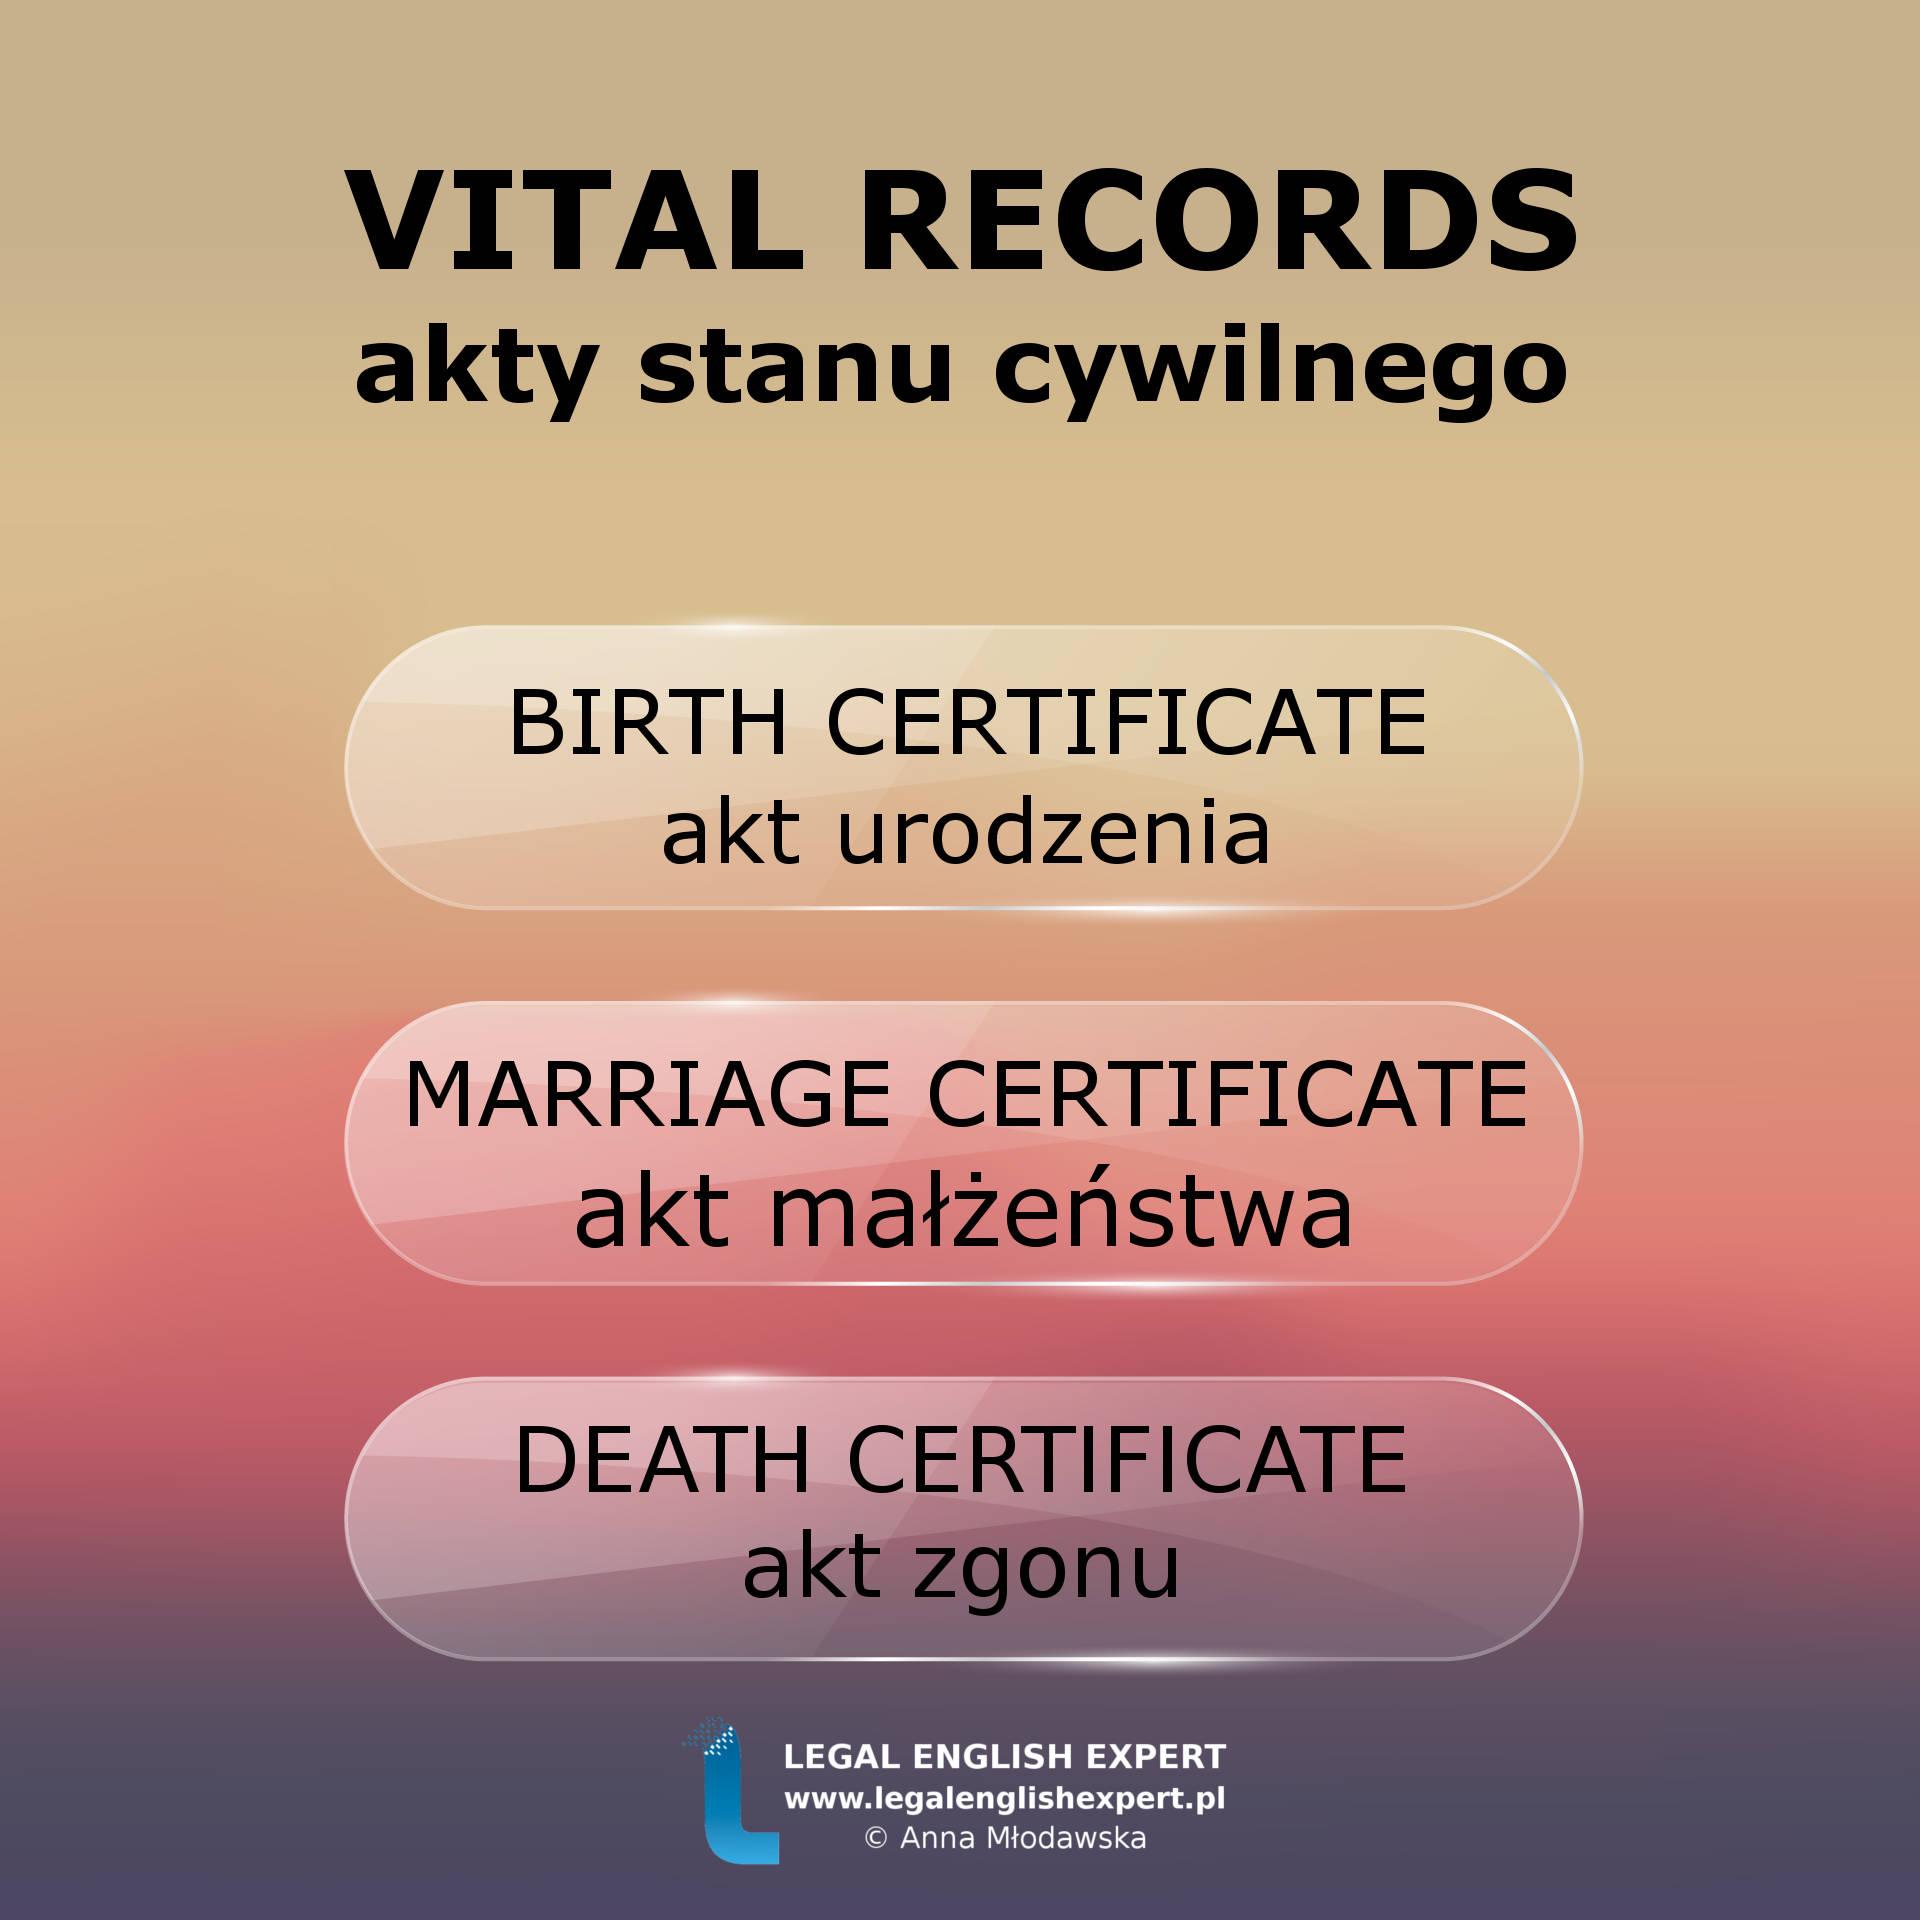 45 - vital records